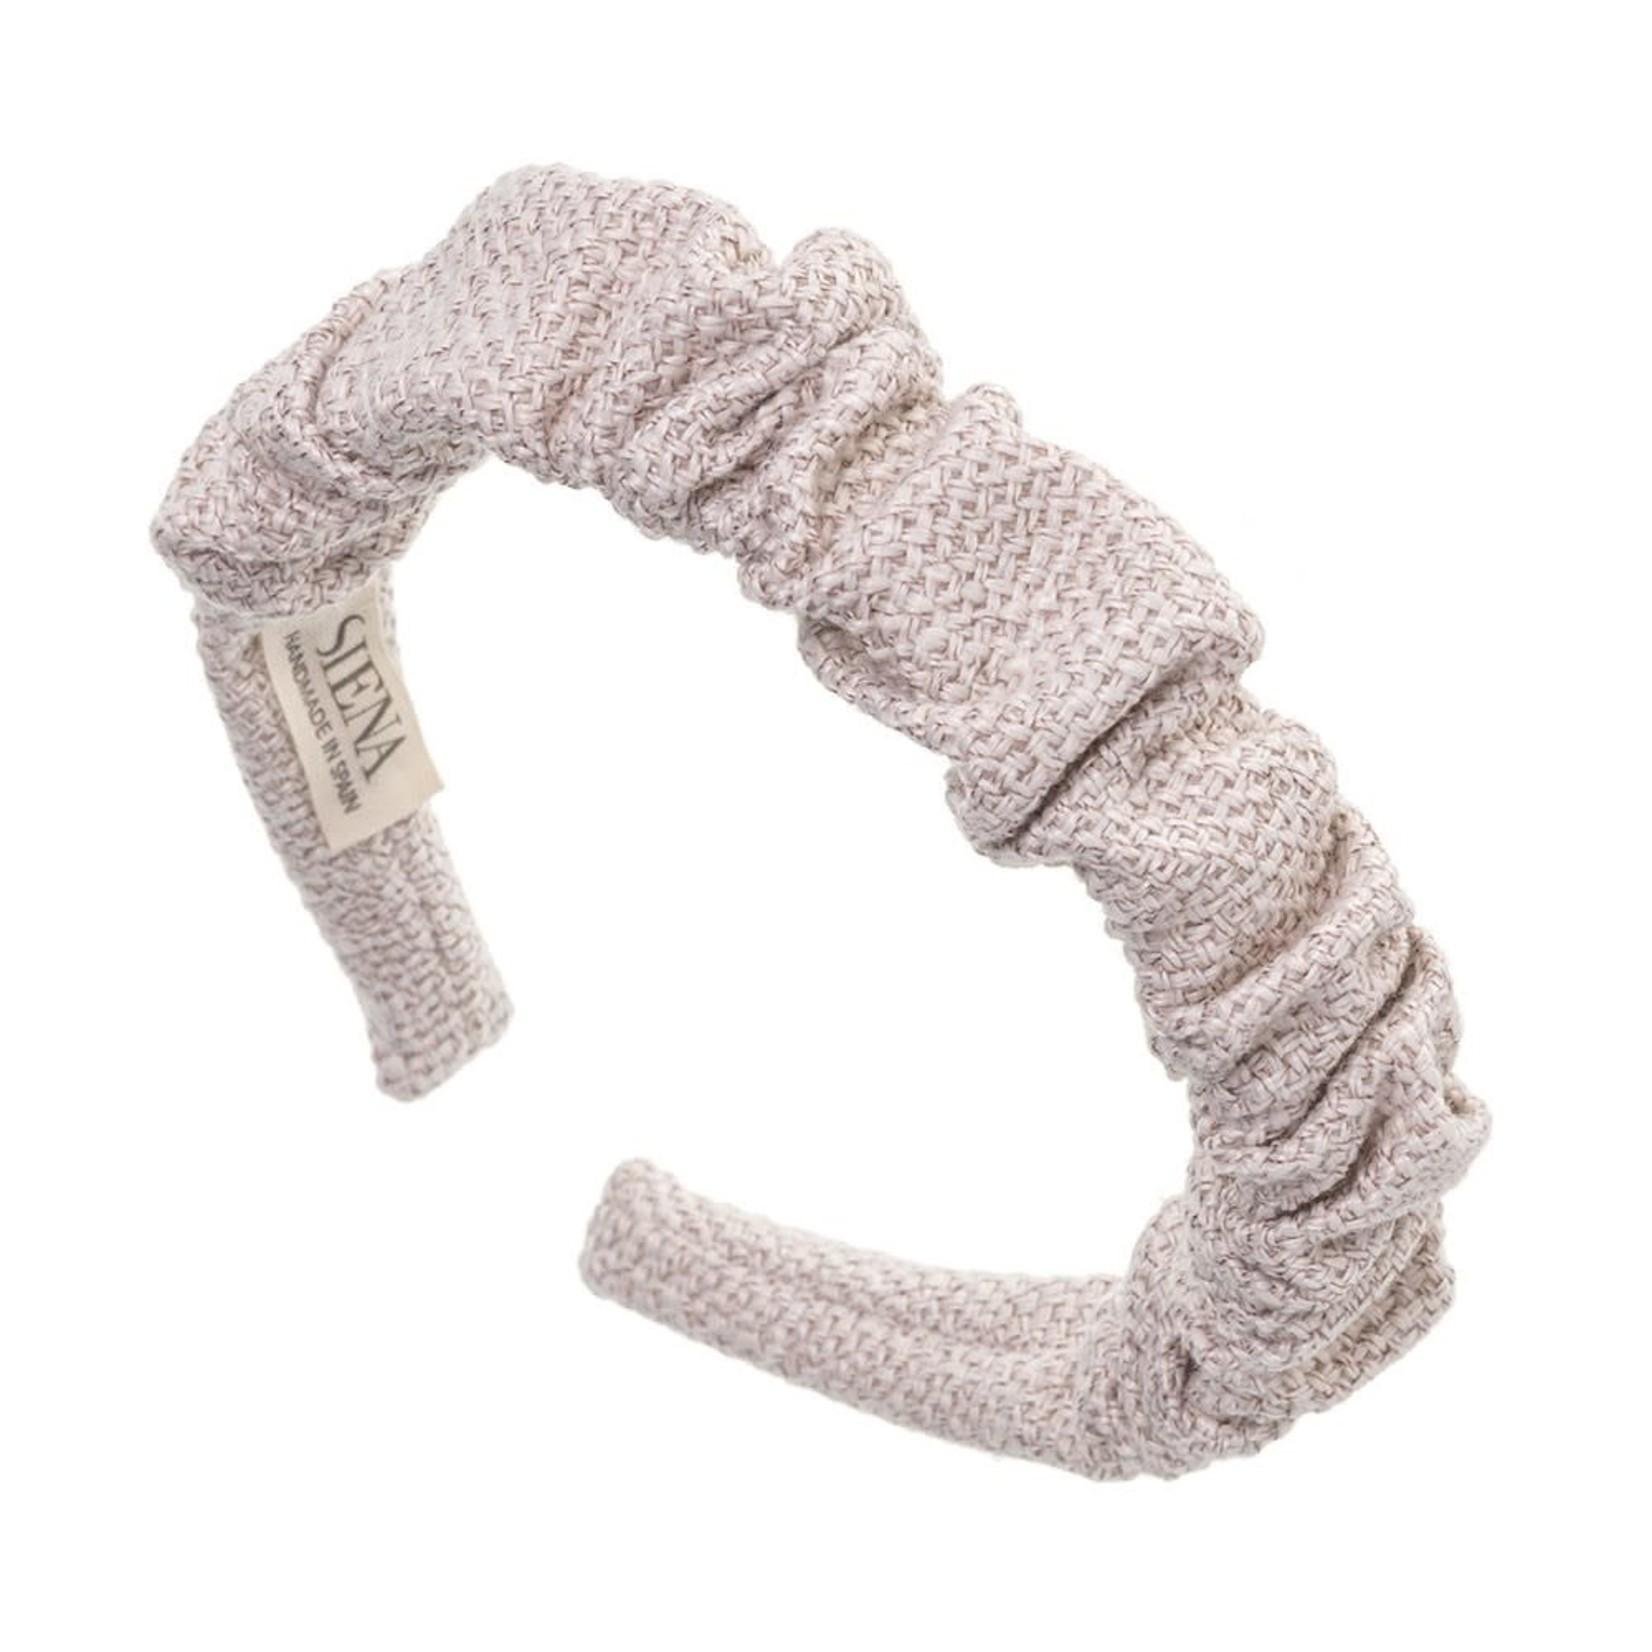 Siena Hairband Scrunchie - Light Beige